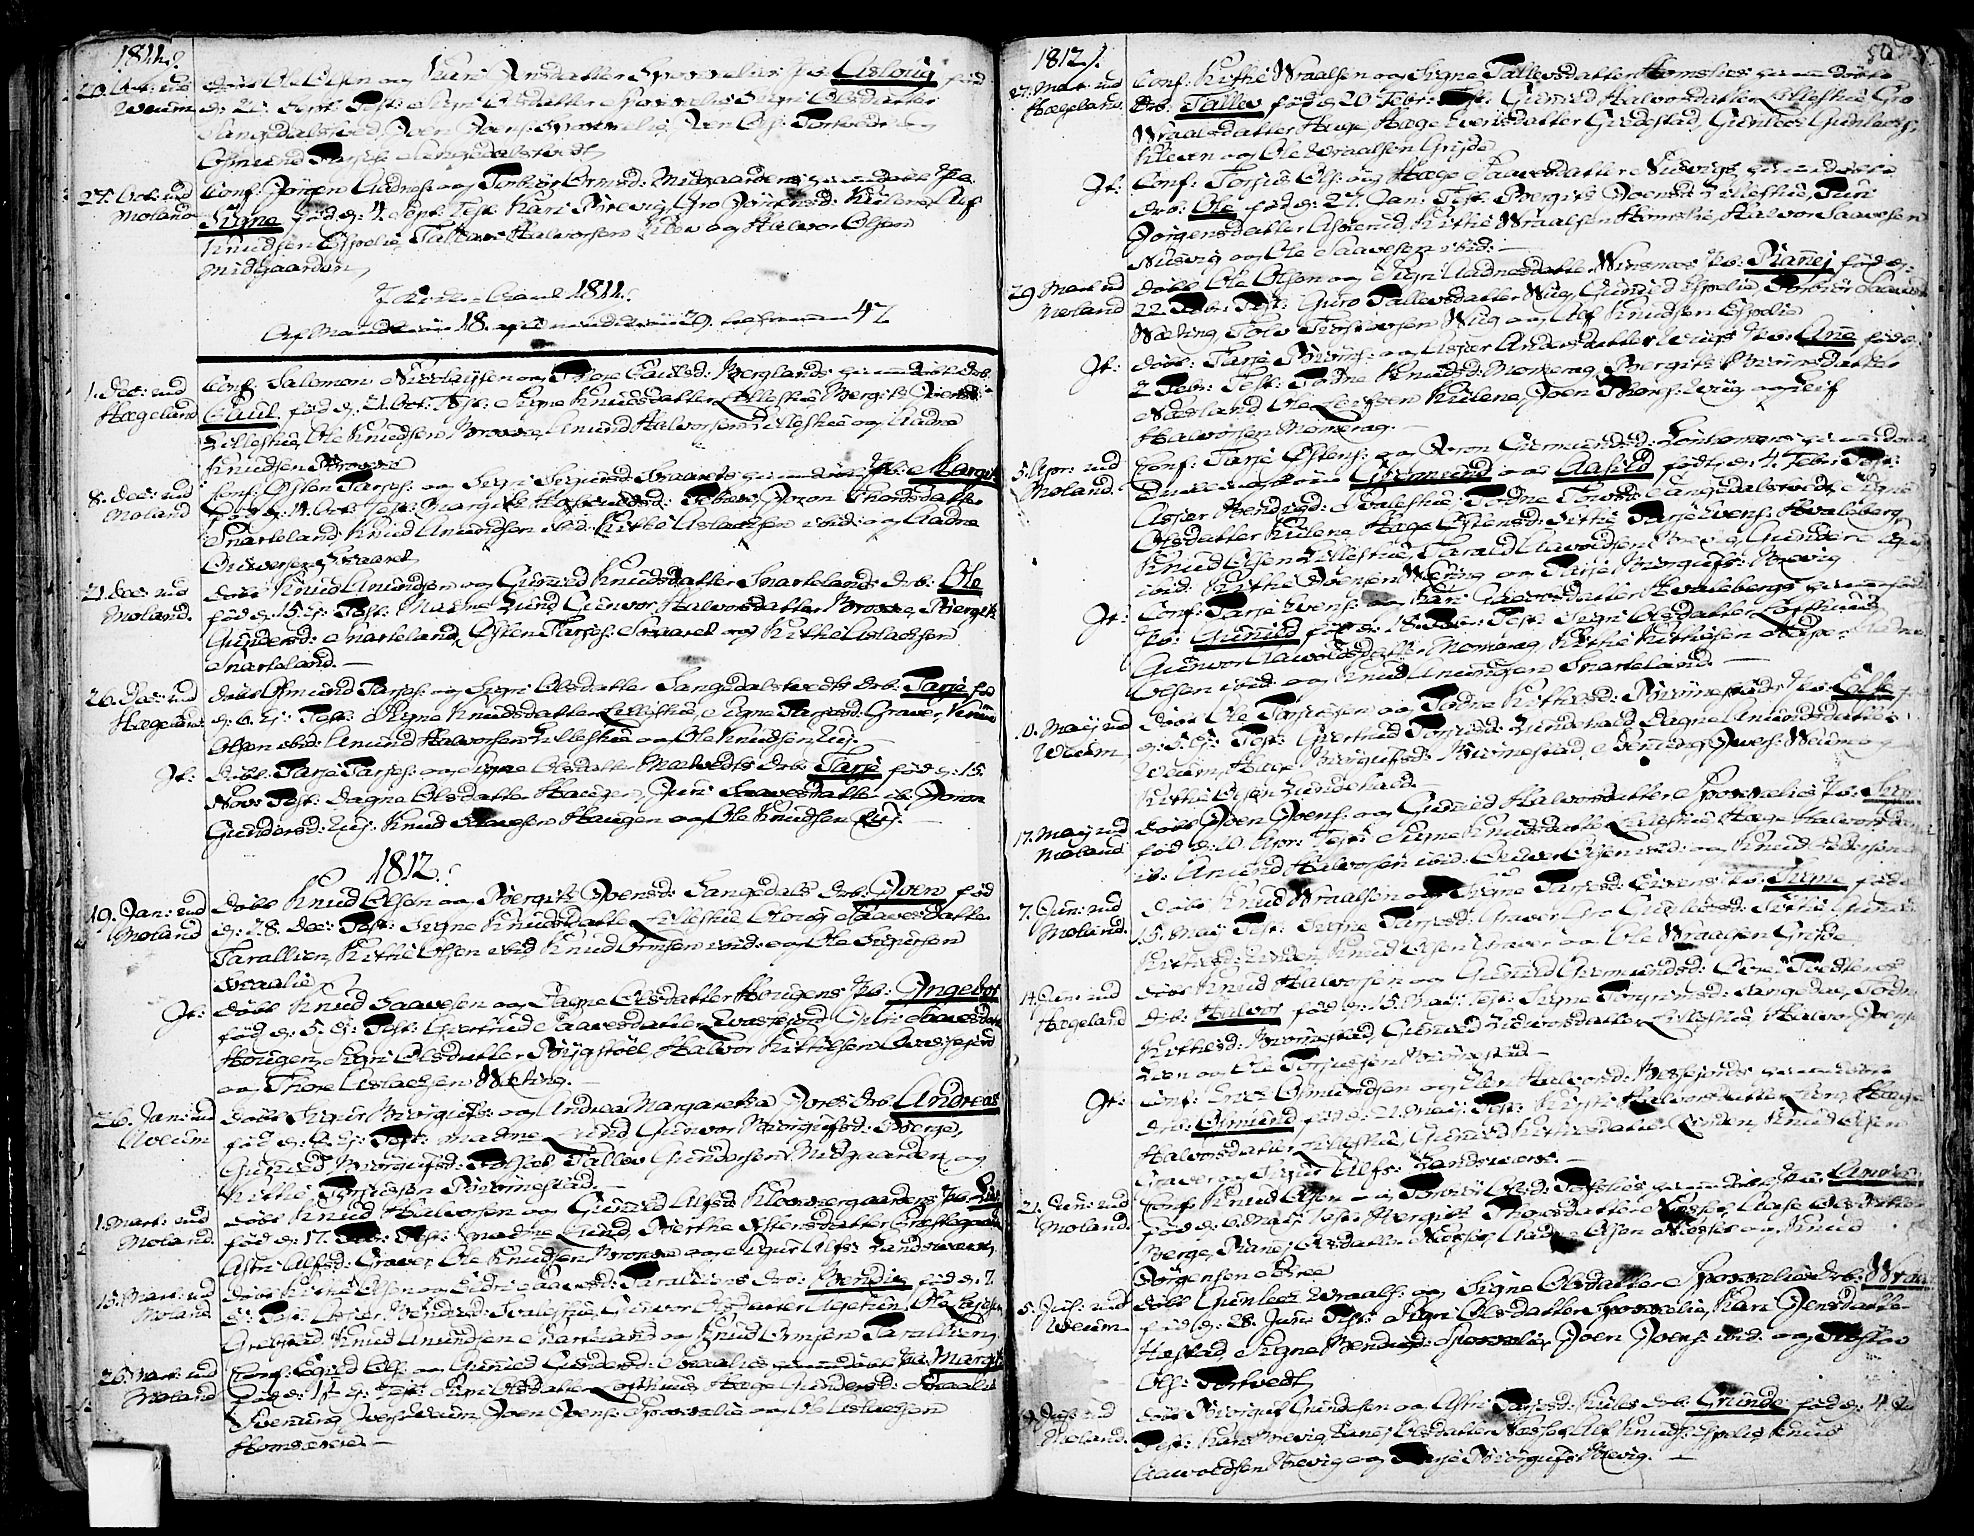 SAKO, Fyresdal kirkebøker, F/Fa/L0002: Ministerialbok nr. I 2, 1769-1814, s. 50